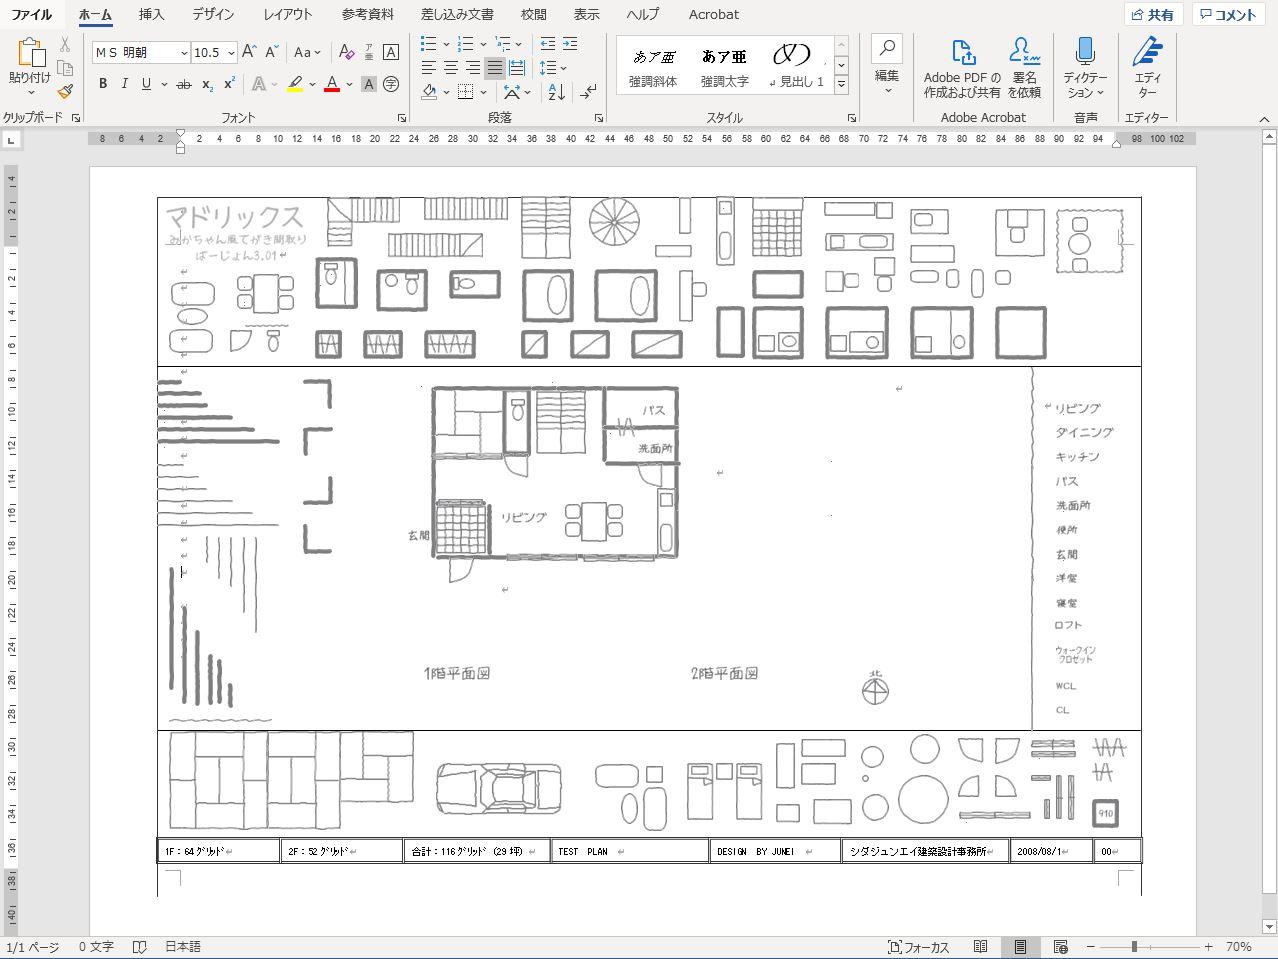 手書きマドリックス3.01ベータ版 家具や設備の配置